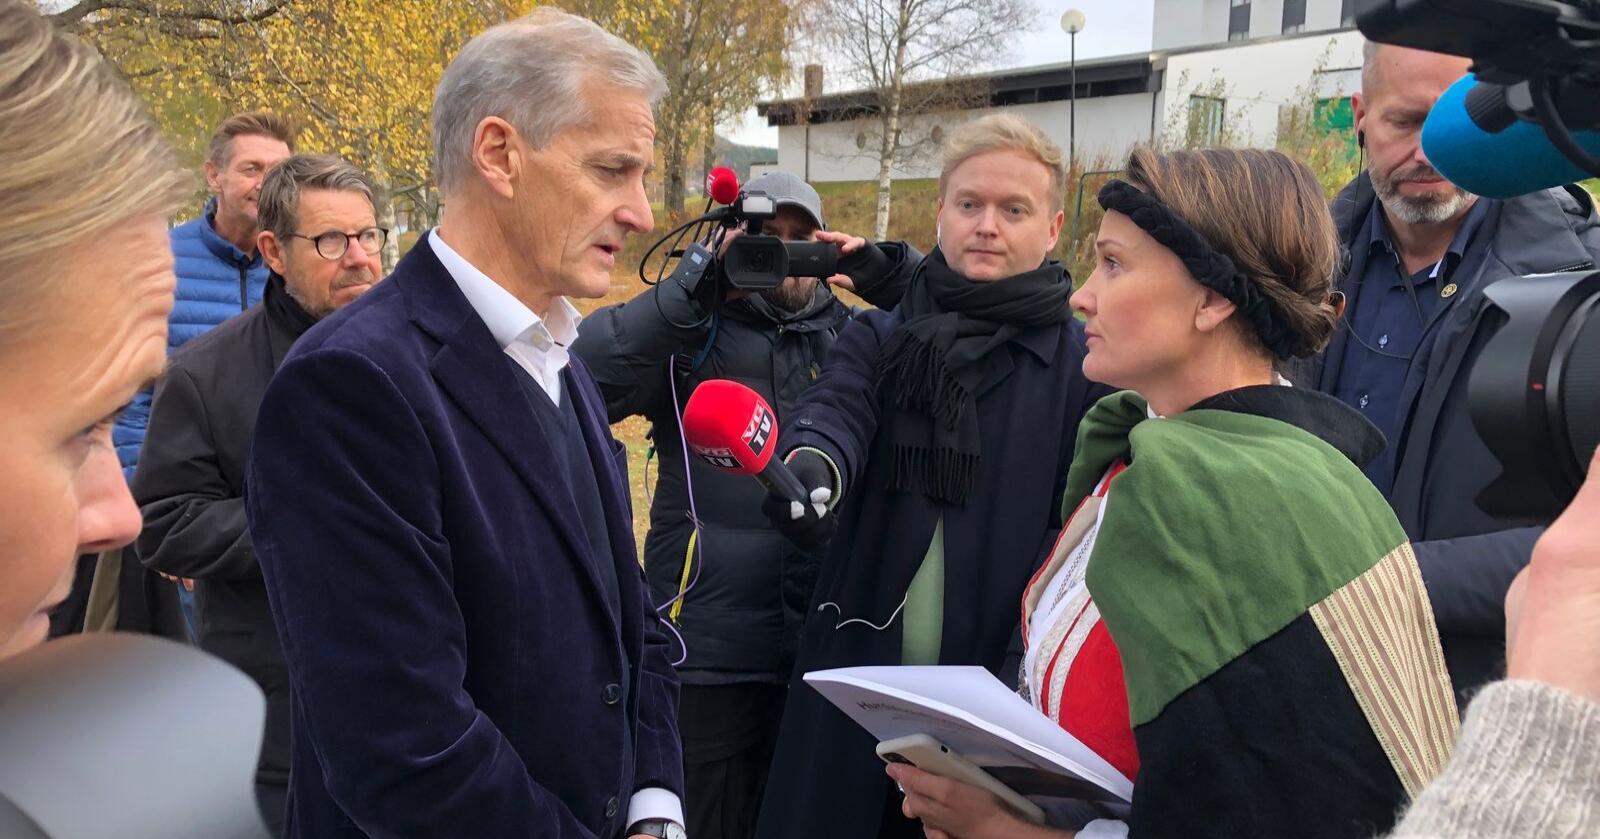 Påtroppende statsminister Jonas Gahr Støre blir takket for å sikre fødetilbudet i Kristiansund av leder for bunadsgeriljaen Anja Cecilie Solvik. Foto: Anne Ekornholmen